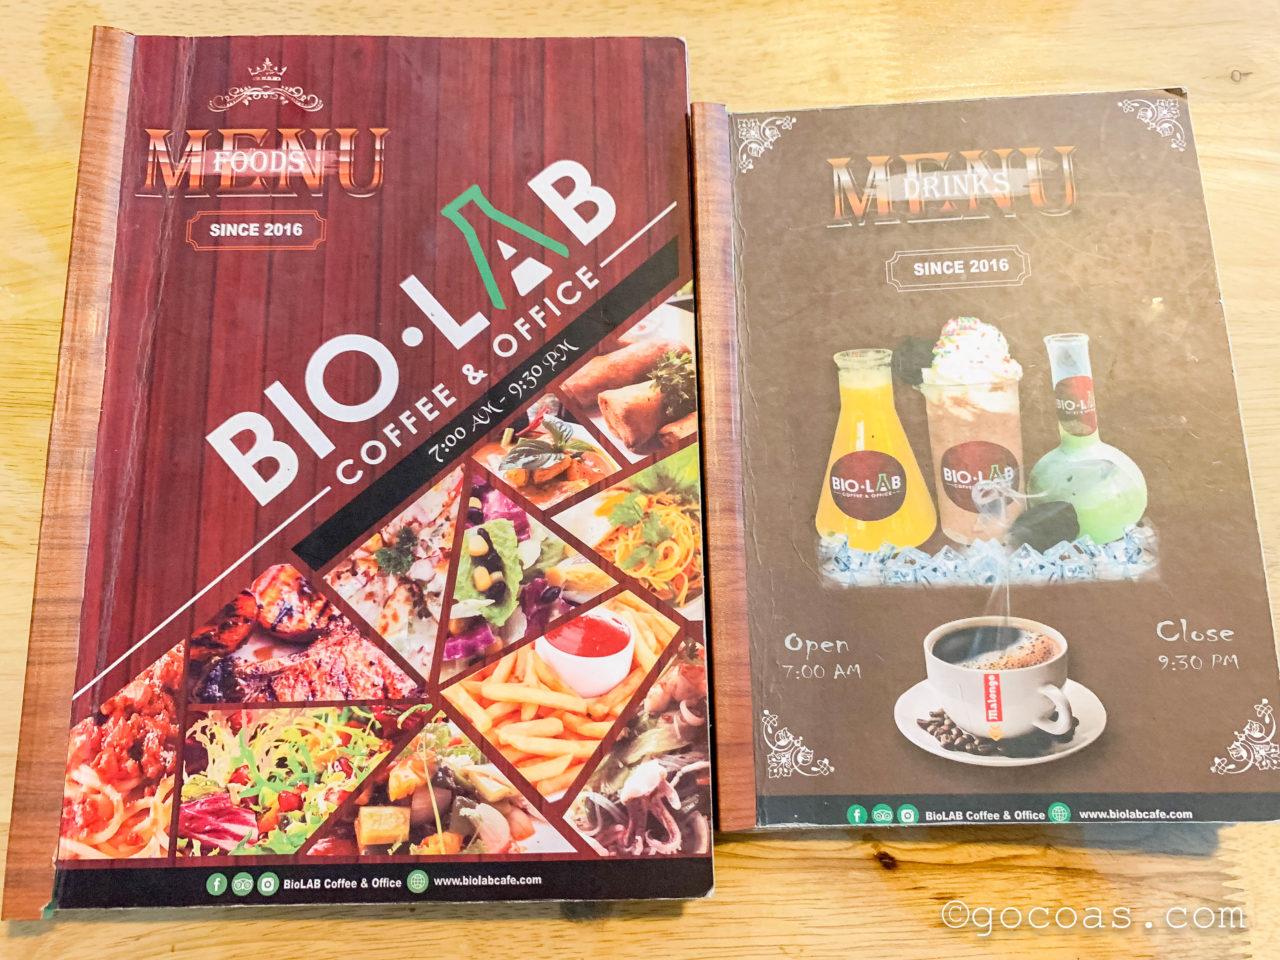 BIOLAB Coffee & Officeメニュー